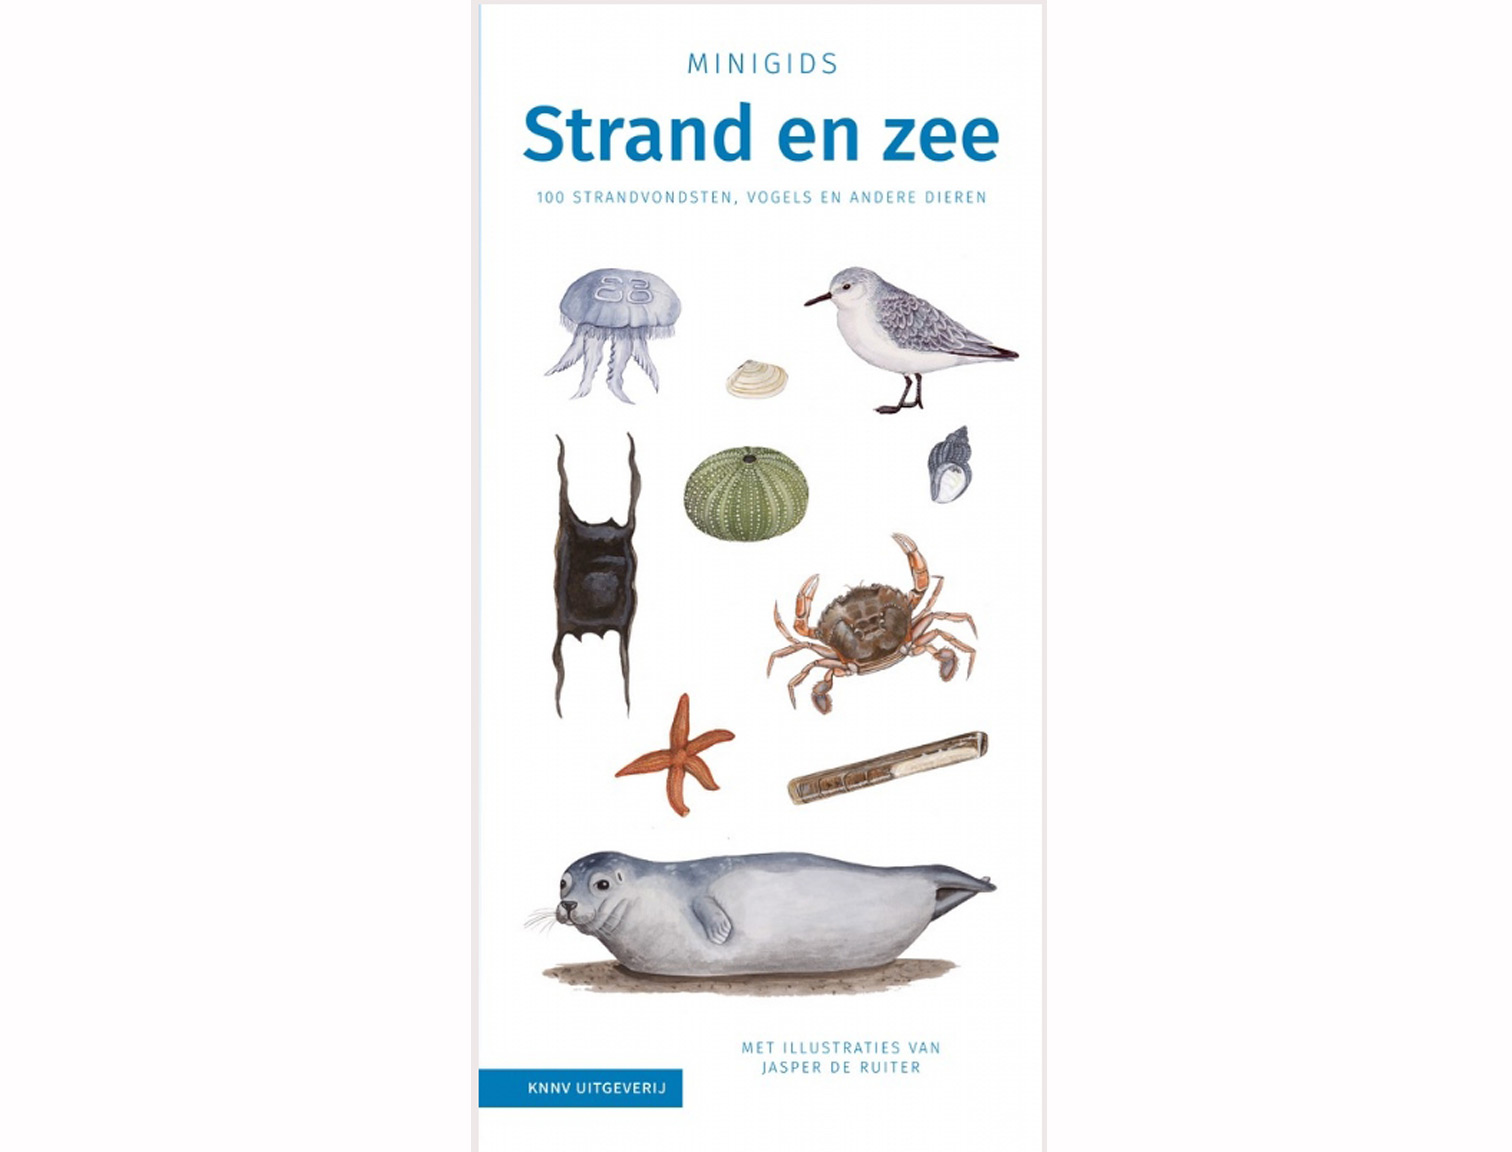 minigids_strand_en_zee